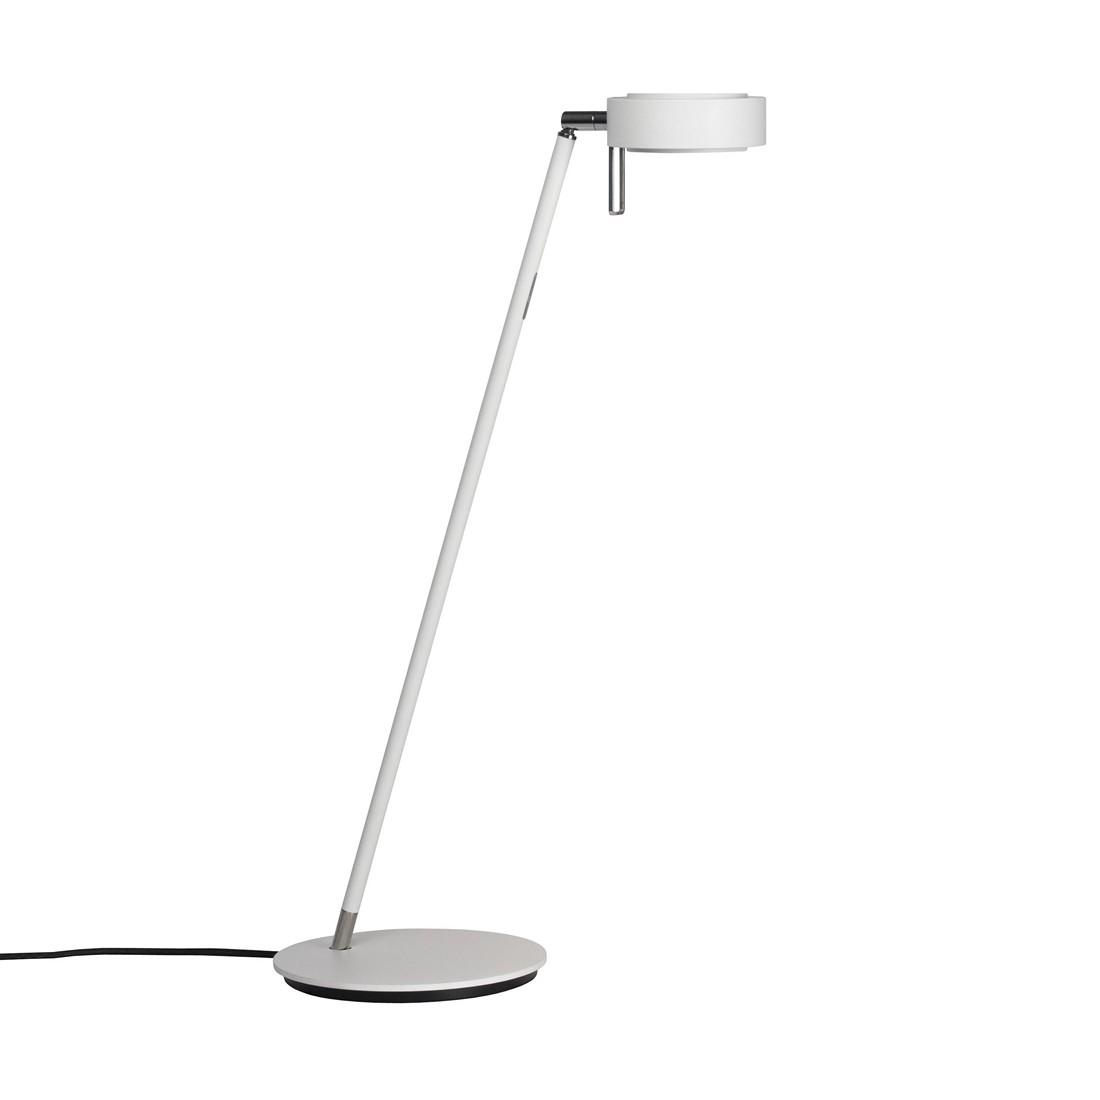 Tischleuchte Pure ● Aluminium Pulverbeschichtet Weiß- Mawa Design